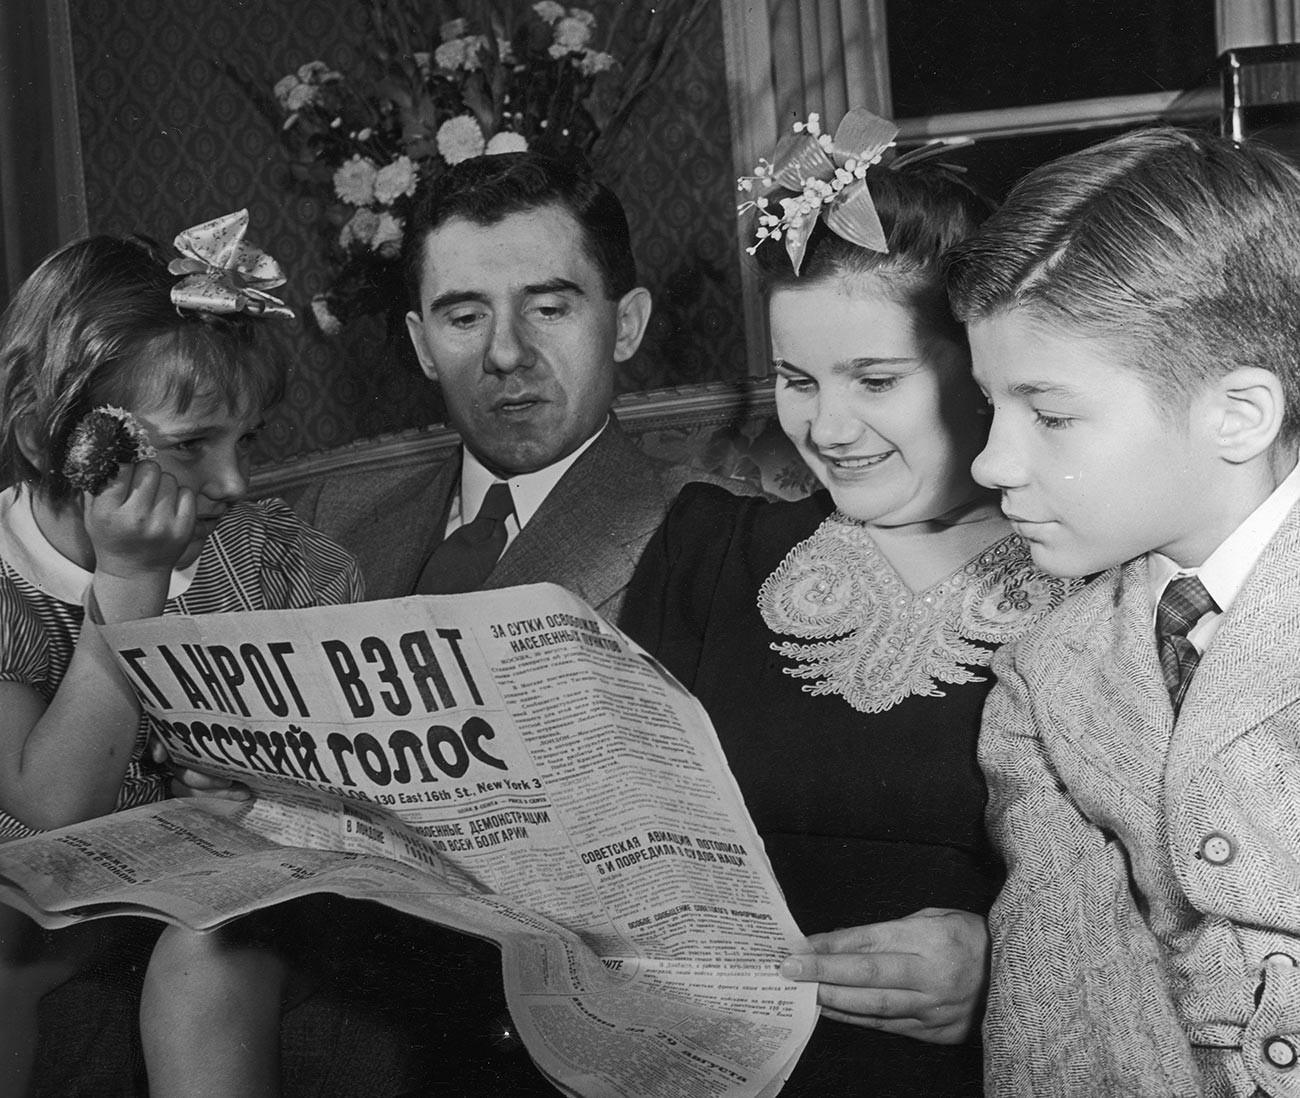 Andréj Gromýko, ambasciatore sovietico negli Stati Uniti, con la moglie e i figli nel loro appartamento privato presso l'ambasciata a Washington, 1944